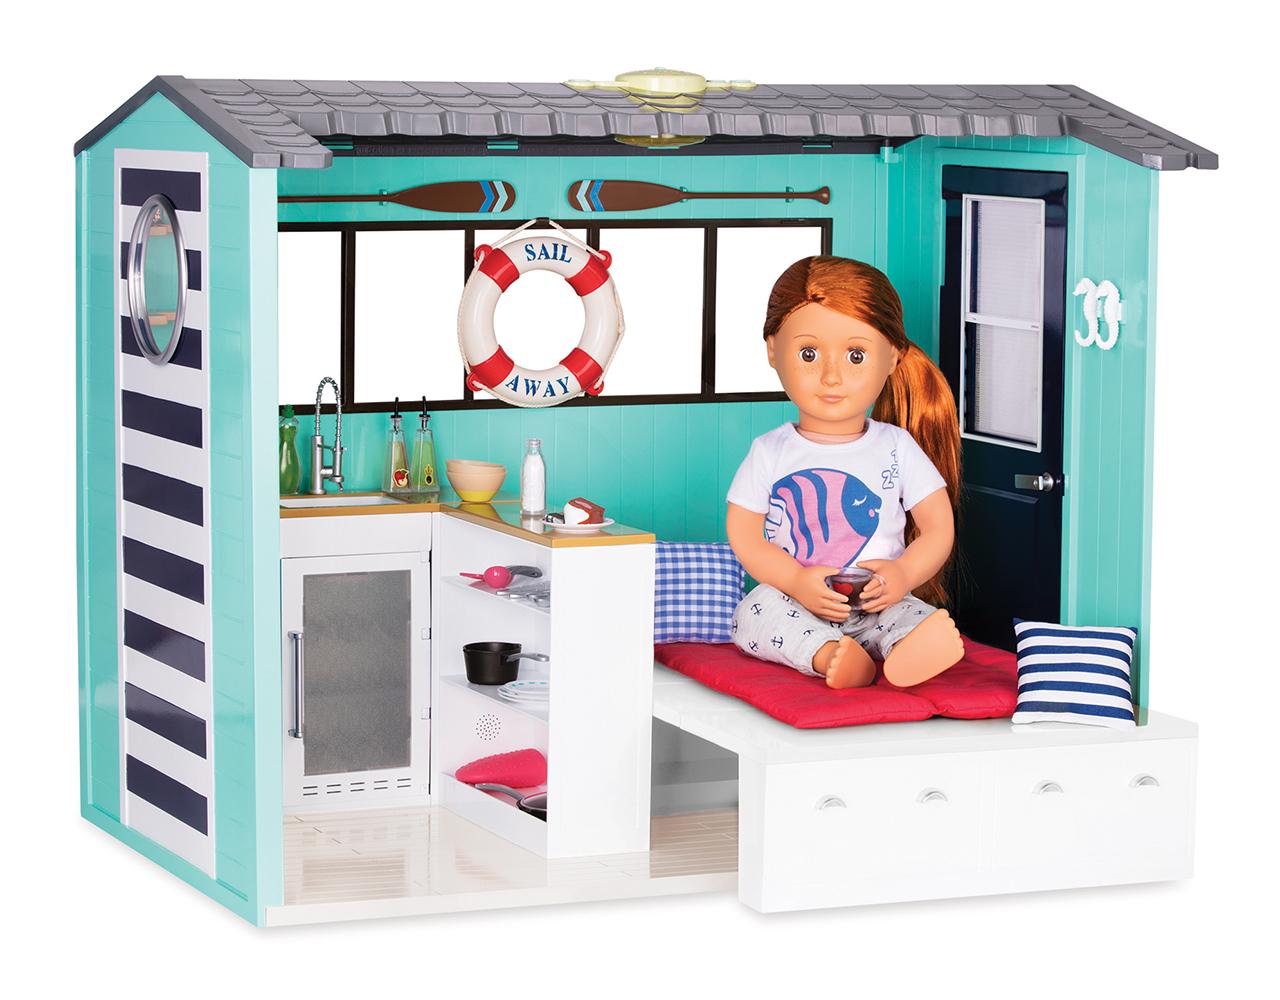 Set OG - Seaside Beach House for 18 Doll